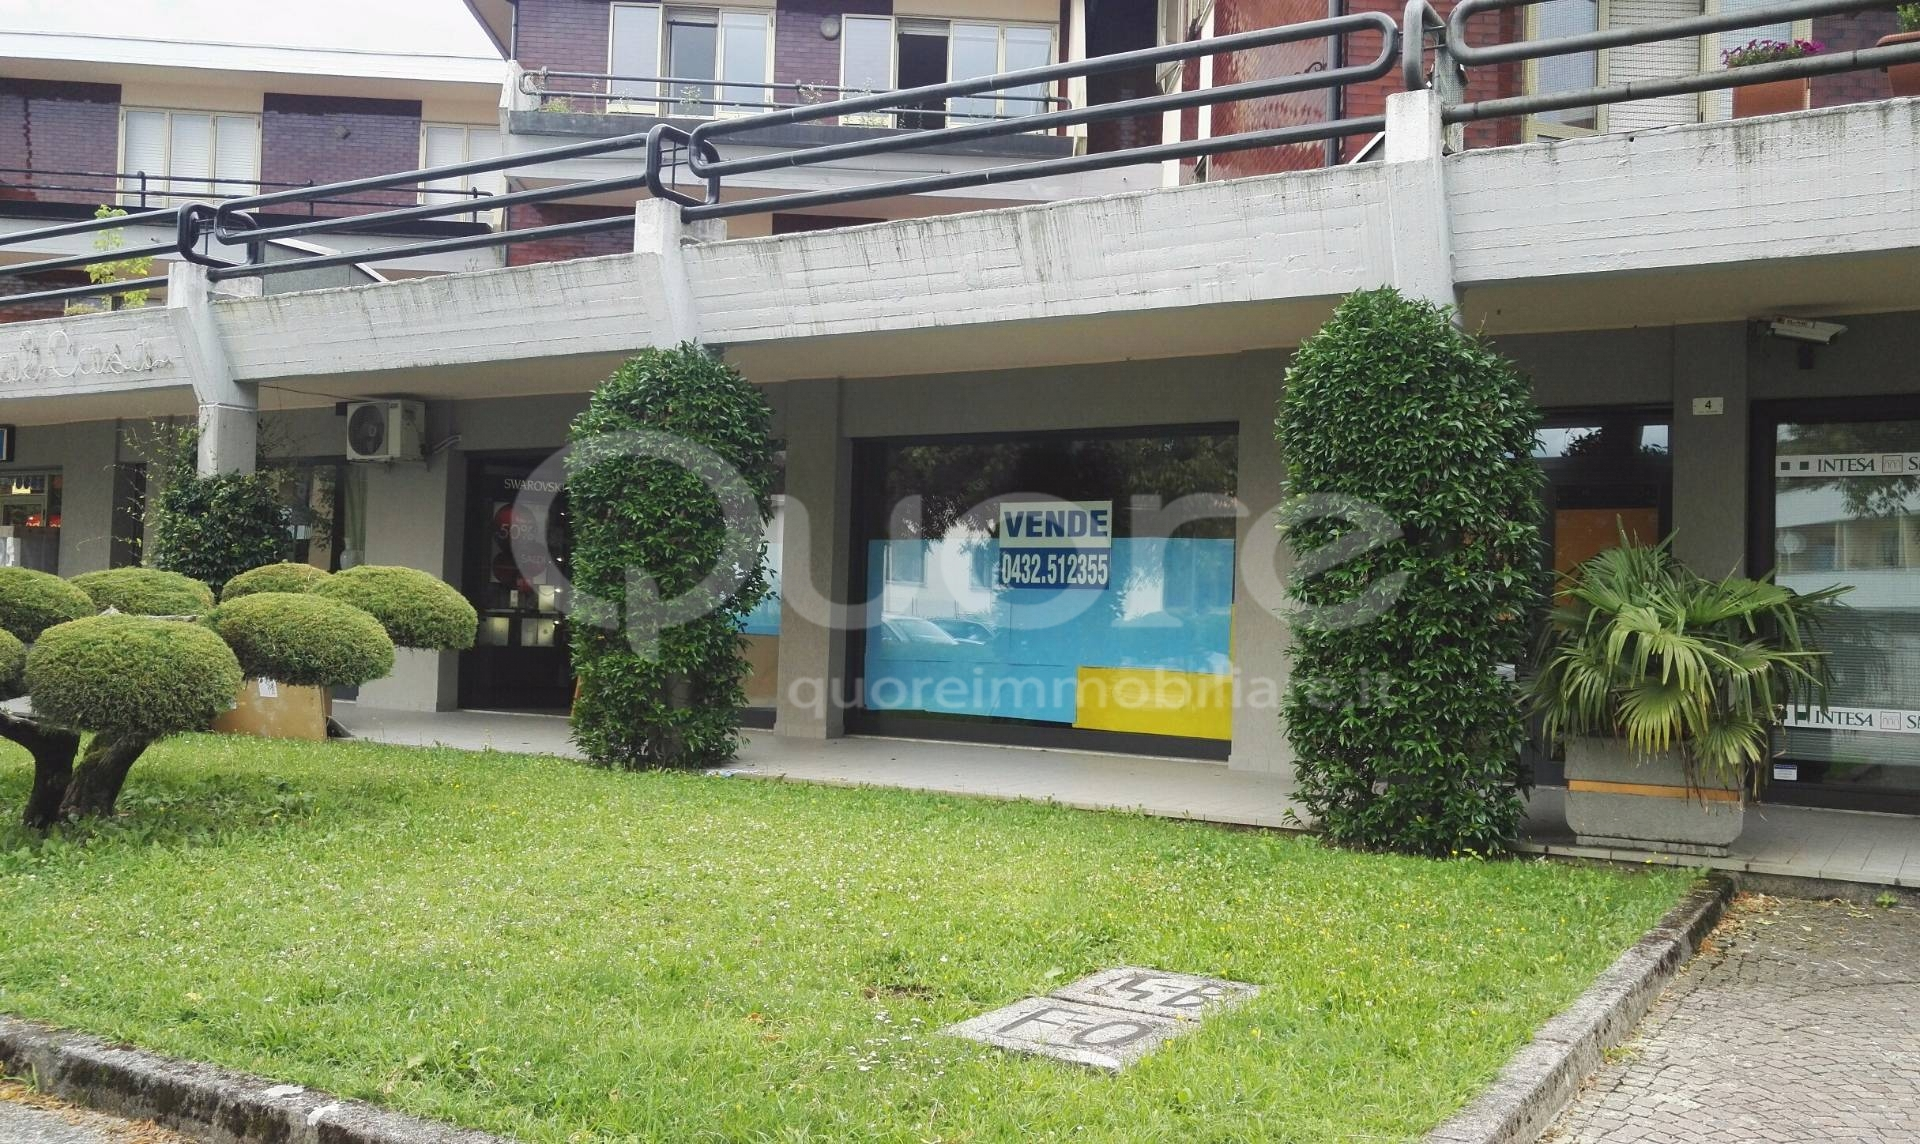 Negozio / Locale in vendita a Cividale del Friuli, 9999 locali, prezzo € 109.000 | CambioCasa.it